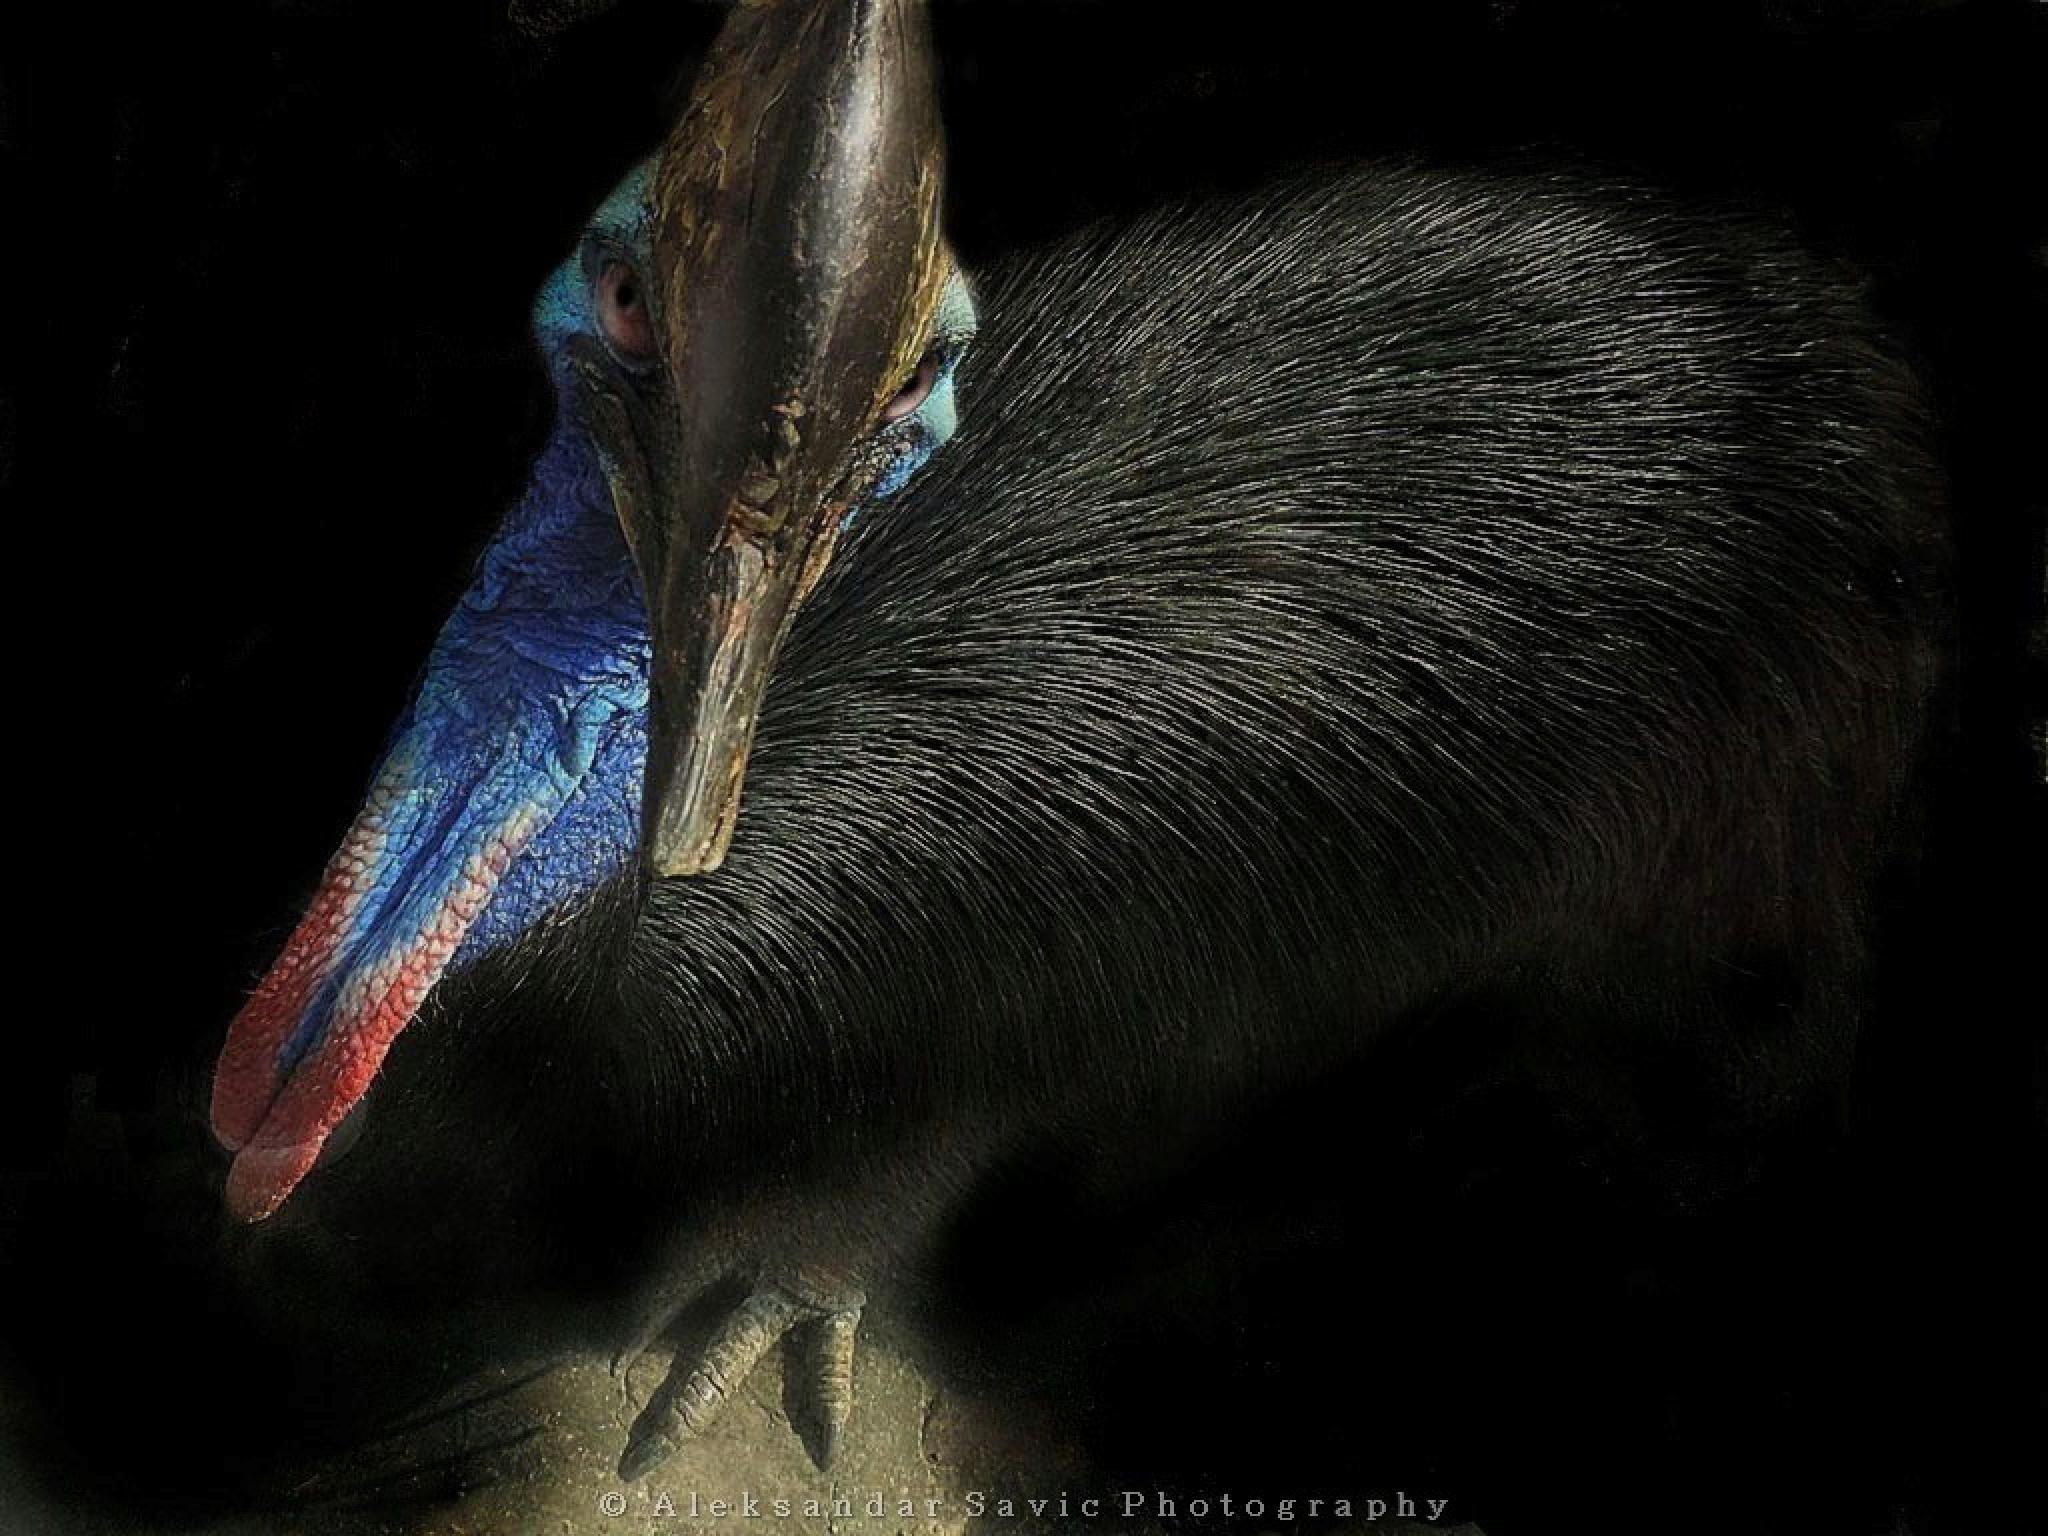 Southern Cassowary by Aleksandar Savic